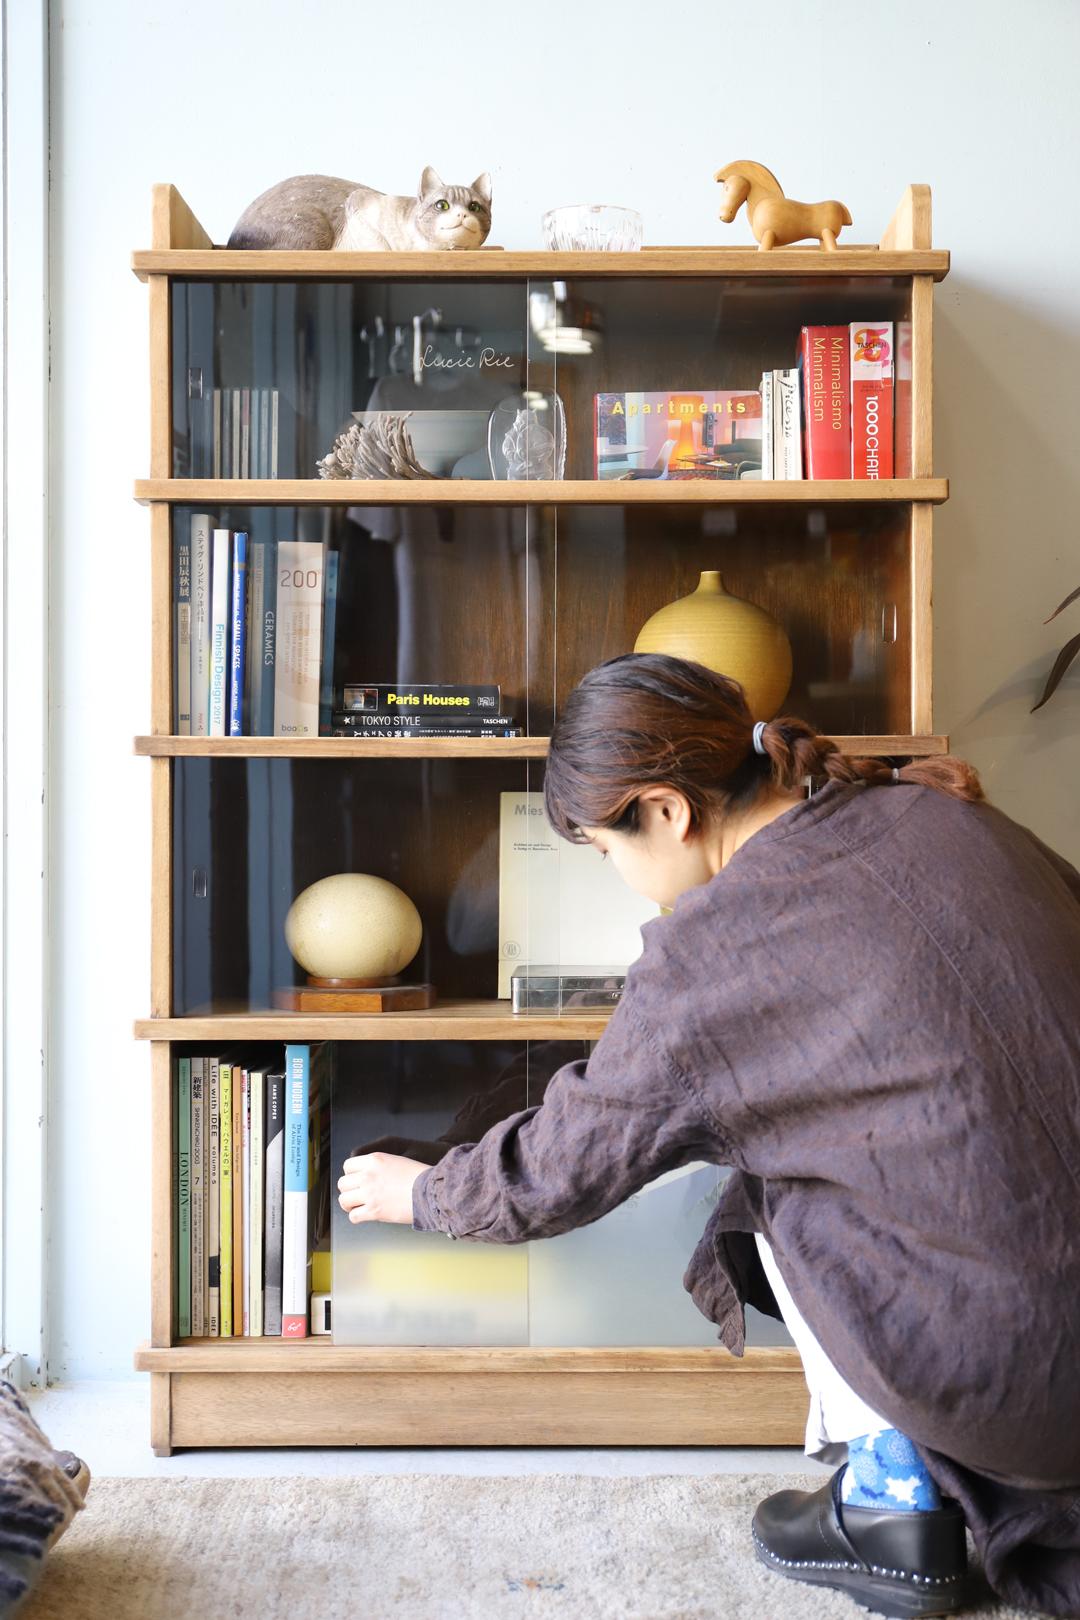 Japanese Vintage Glass Cabinet Book Shelf/ジャパンヴィンテージ 本棚 ガラスキャビネット 食器棚 レトロモダン 収納 シャビーシック